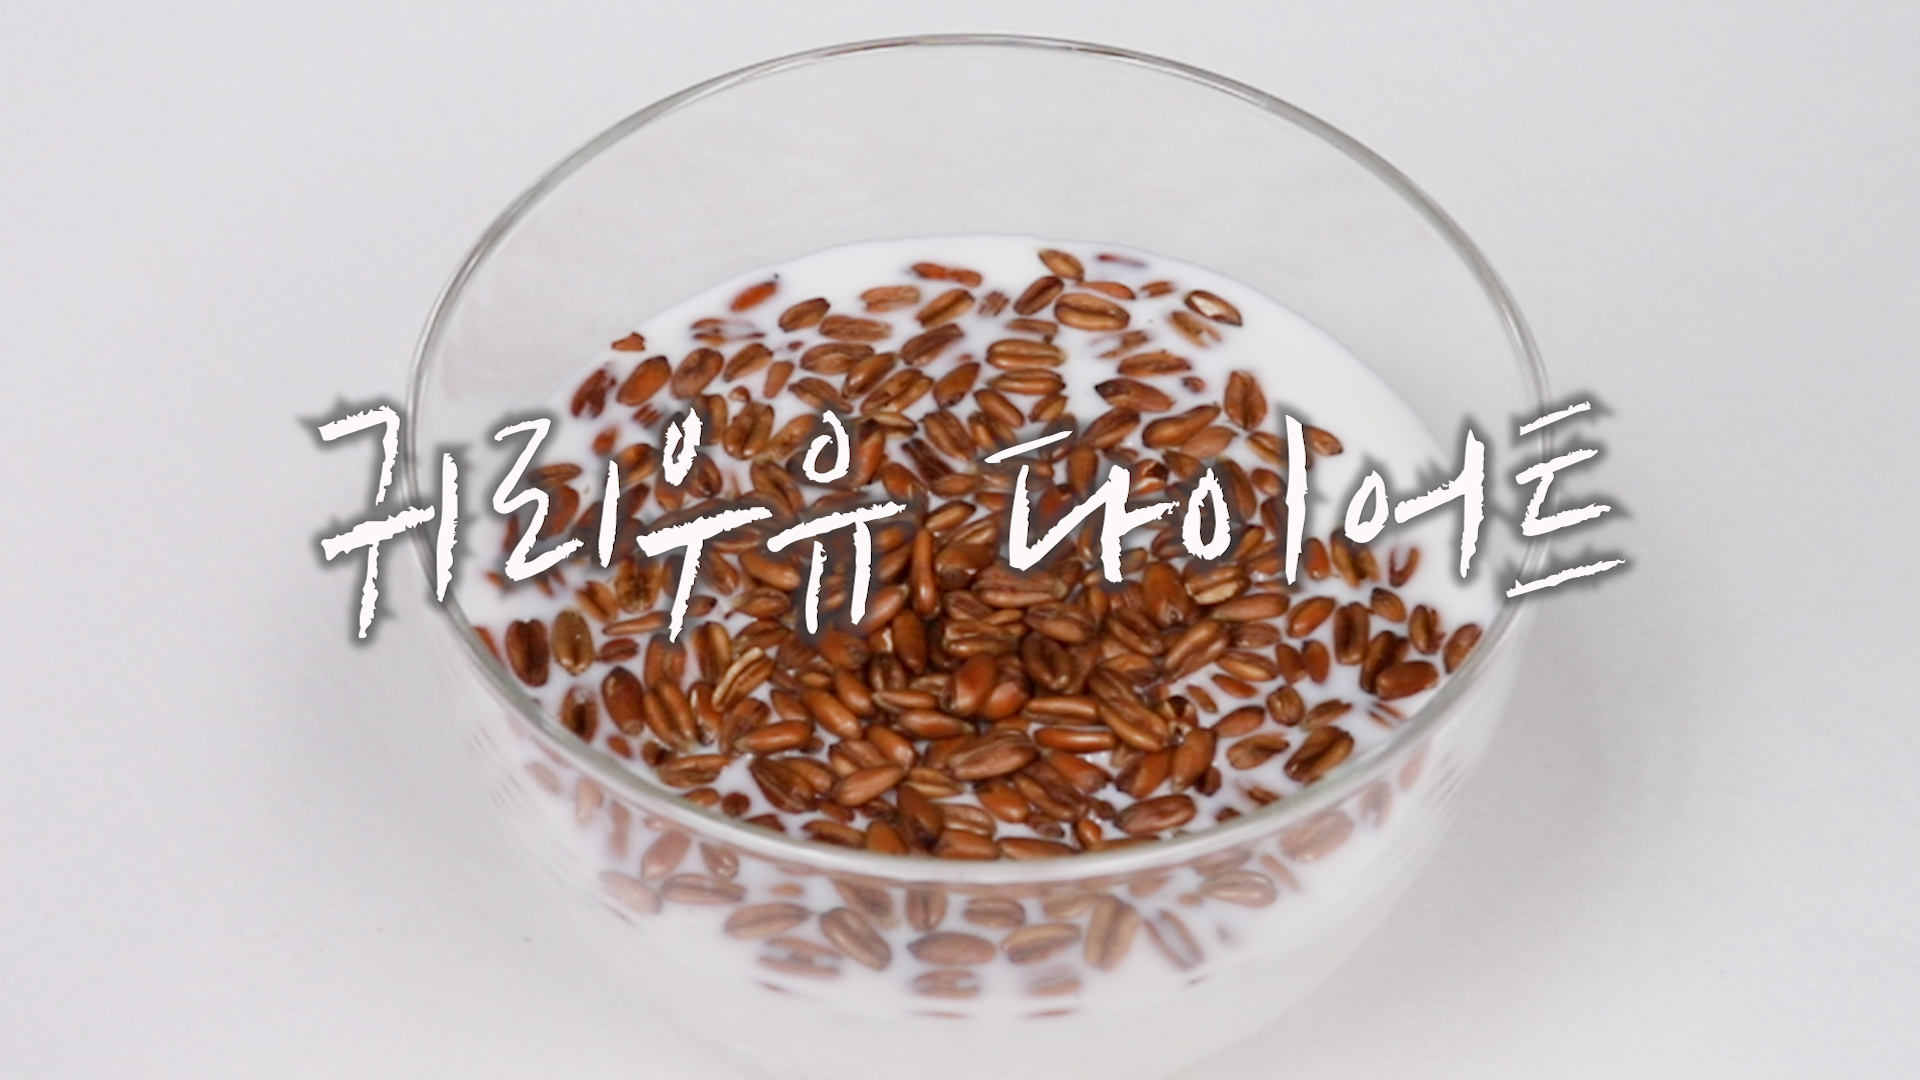 [1분팁]귀리우유 다이어트 방법, 추석에 늘어난 살빼는 최고의 방법